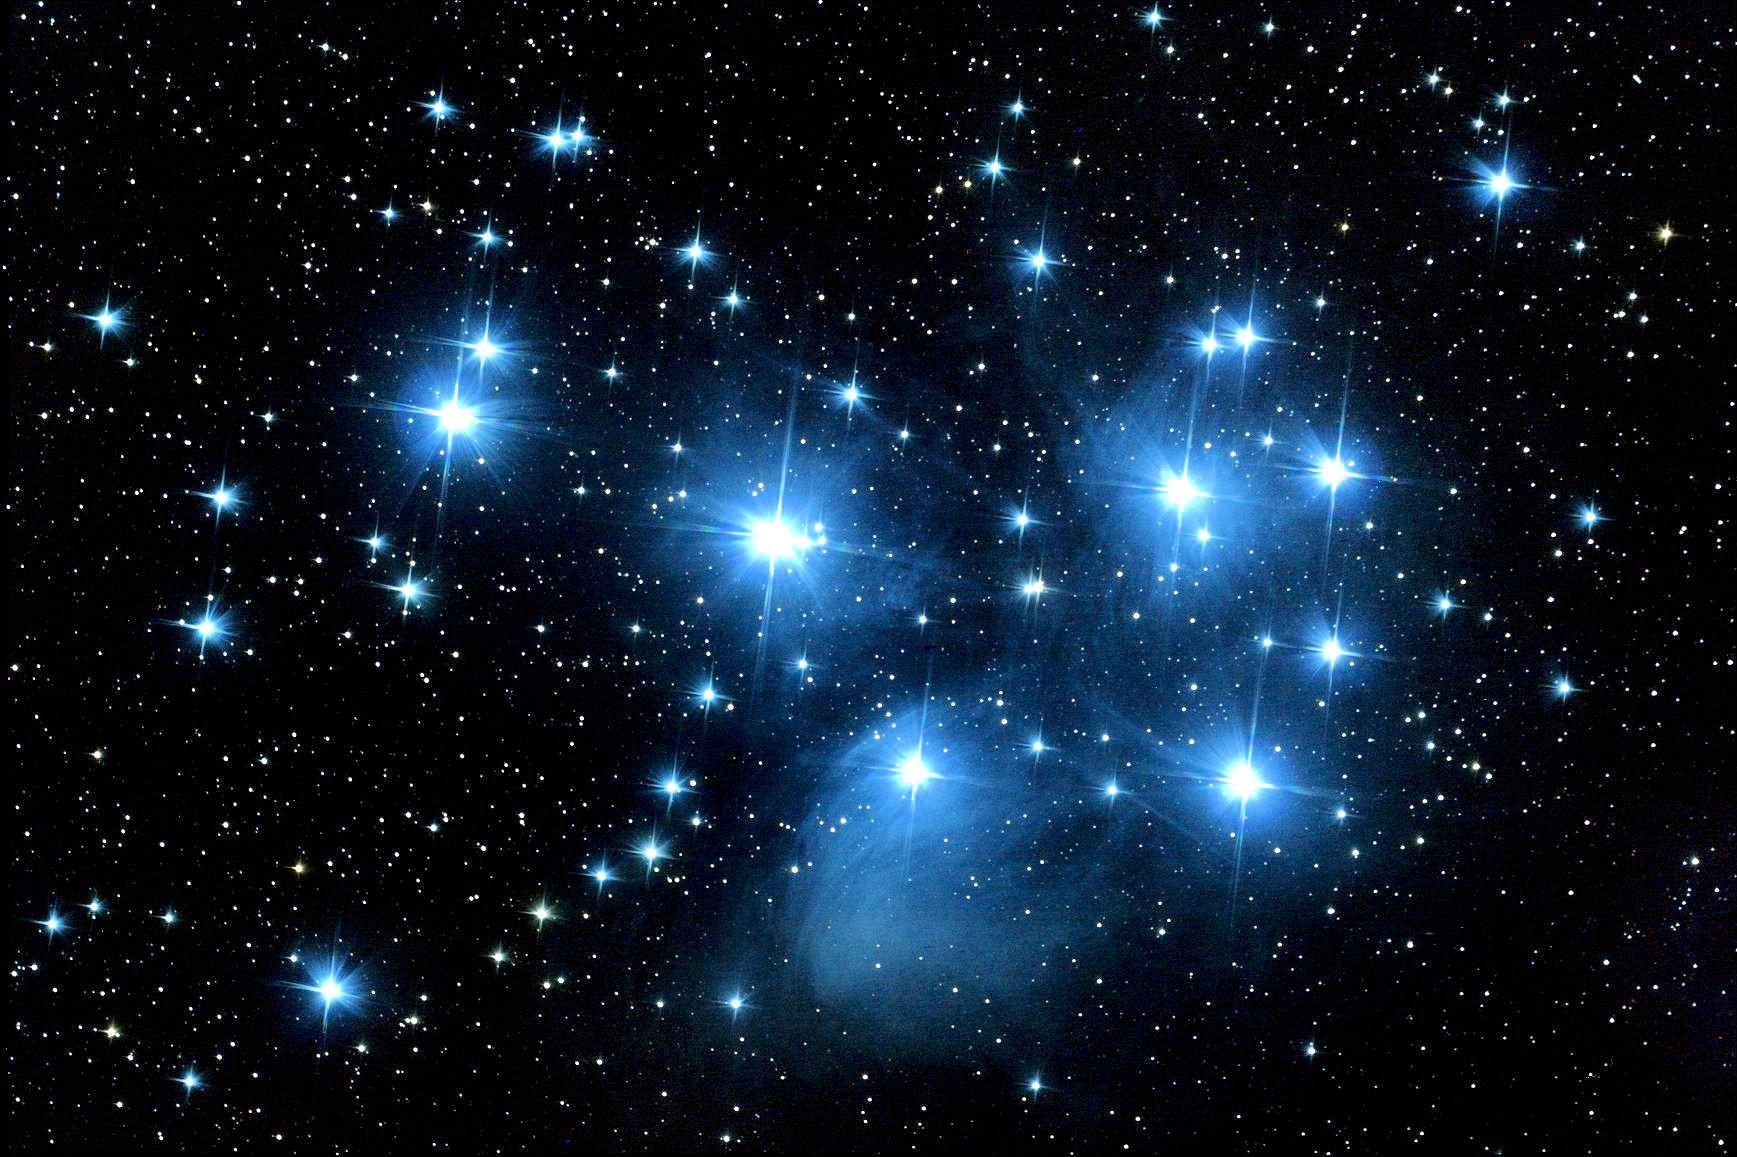 Внутрь созвездия Плеяд заглянули ученые NASA